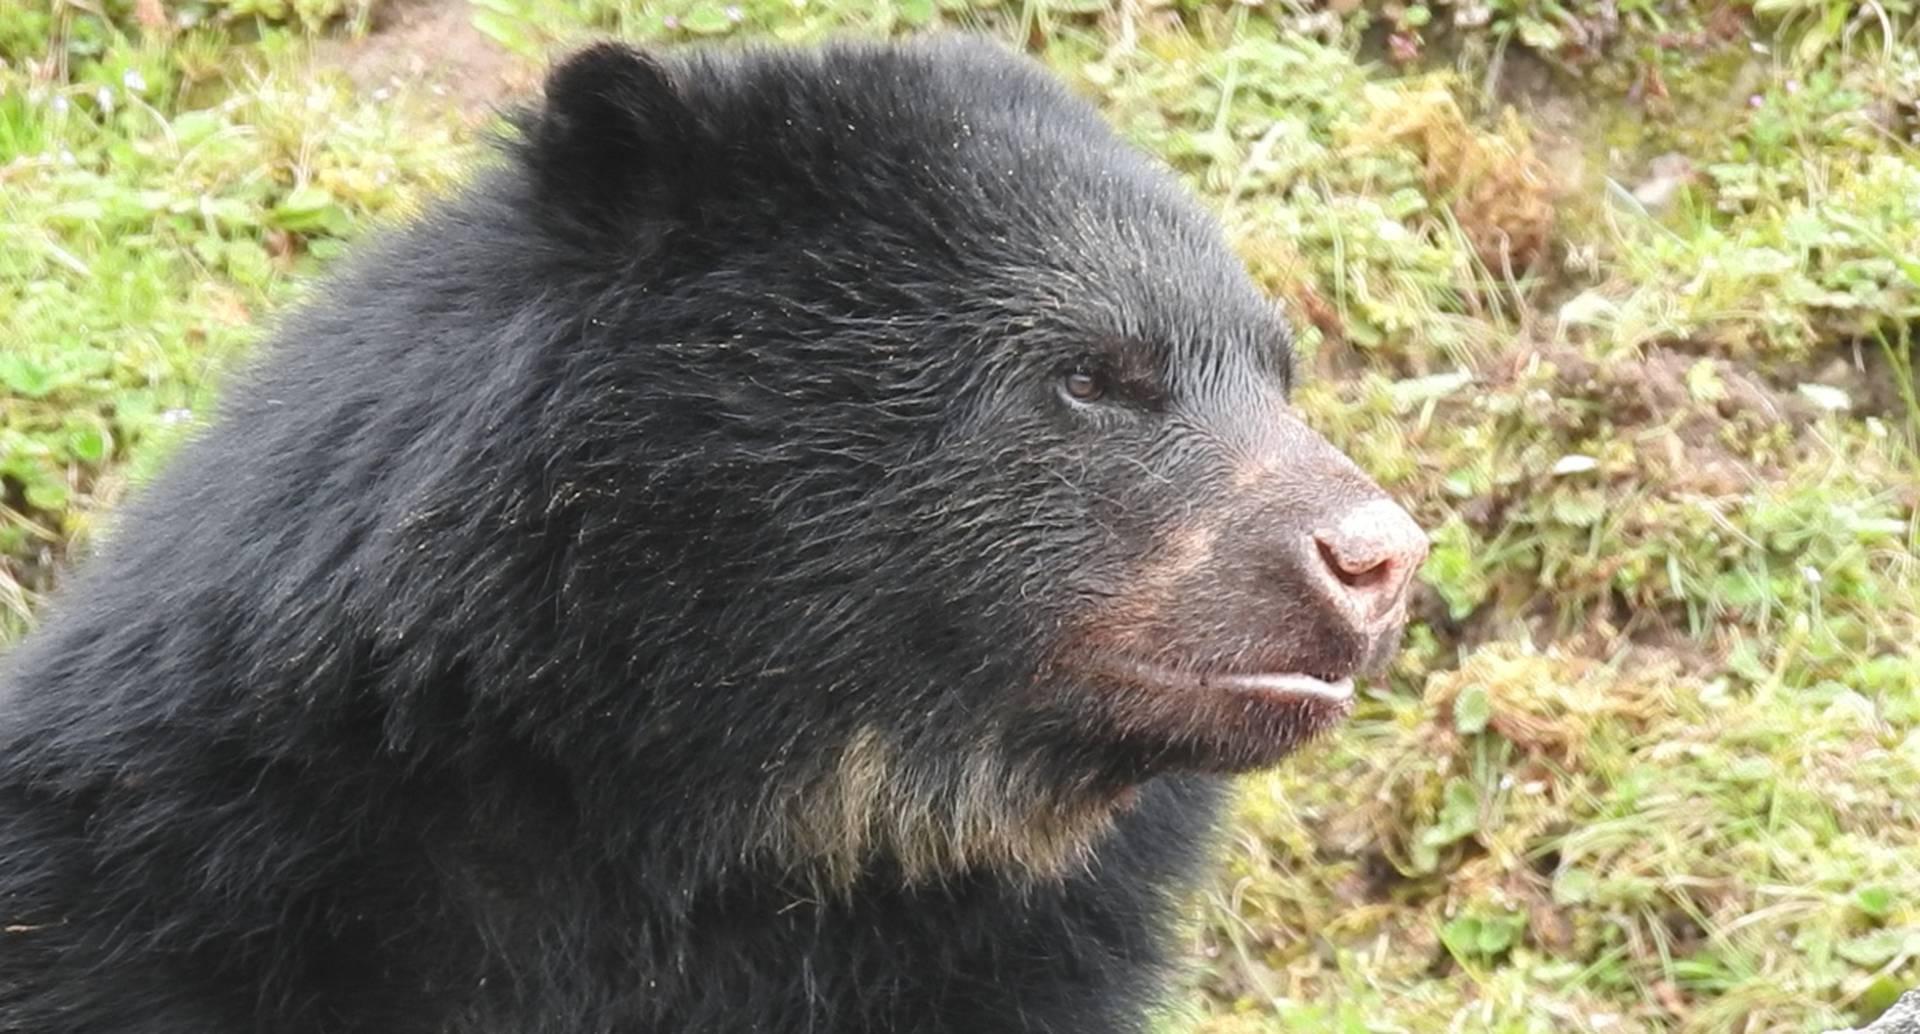 El oso de anteojos es el guardián de Chingaza, uno de los ecosistemas de la cuenca del río Bogotá.